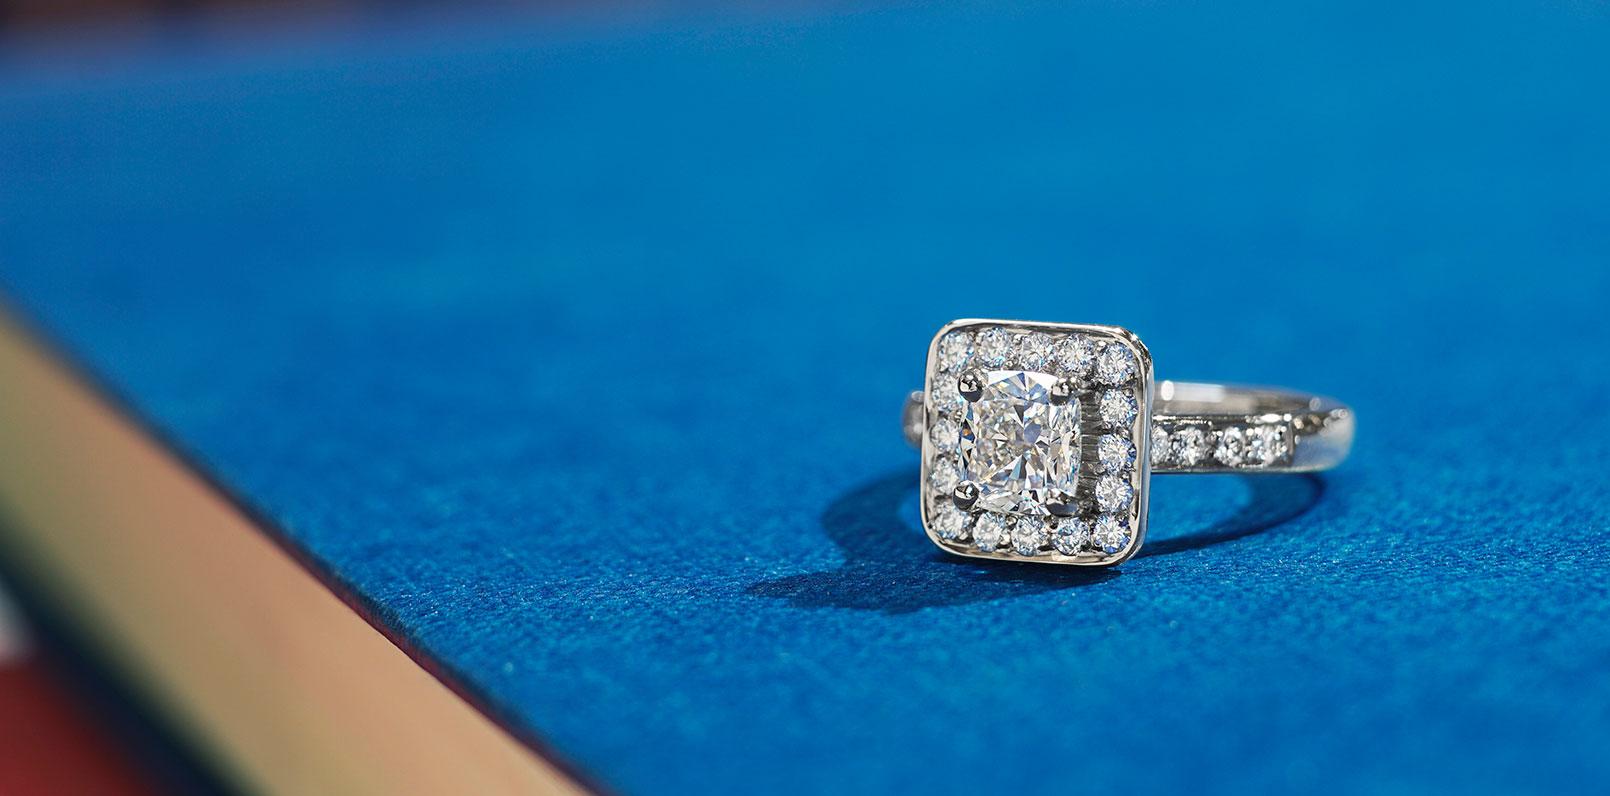 harriet-kelsall-bespoke-jewellery-diamond-engagement-ring[1].jpg